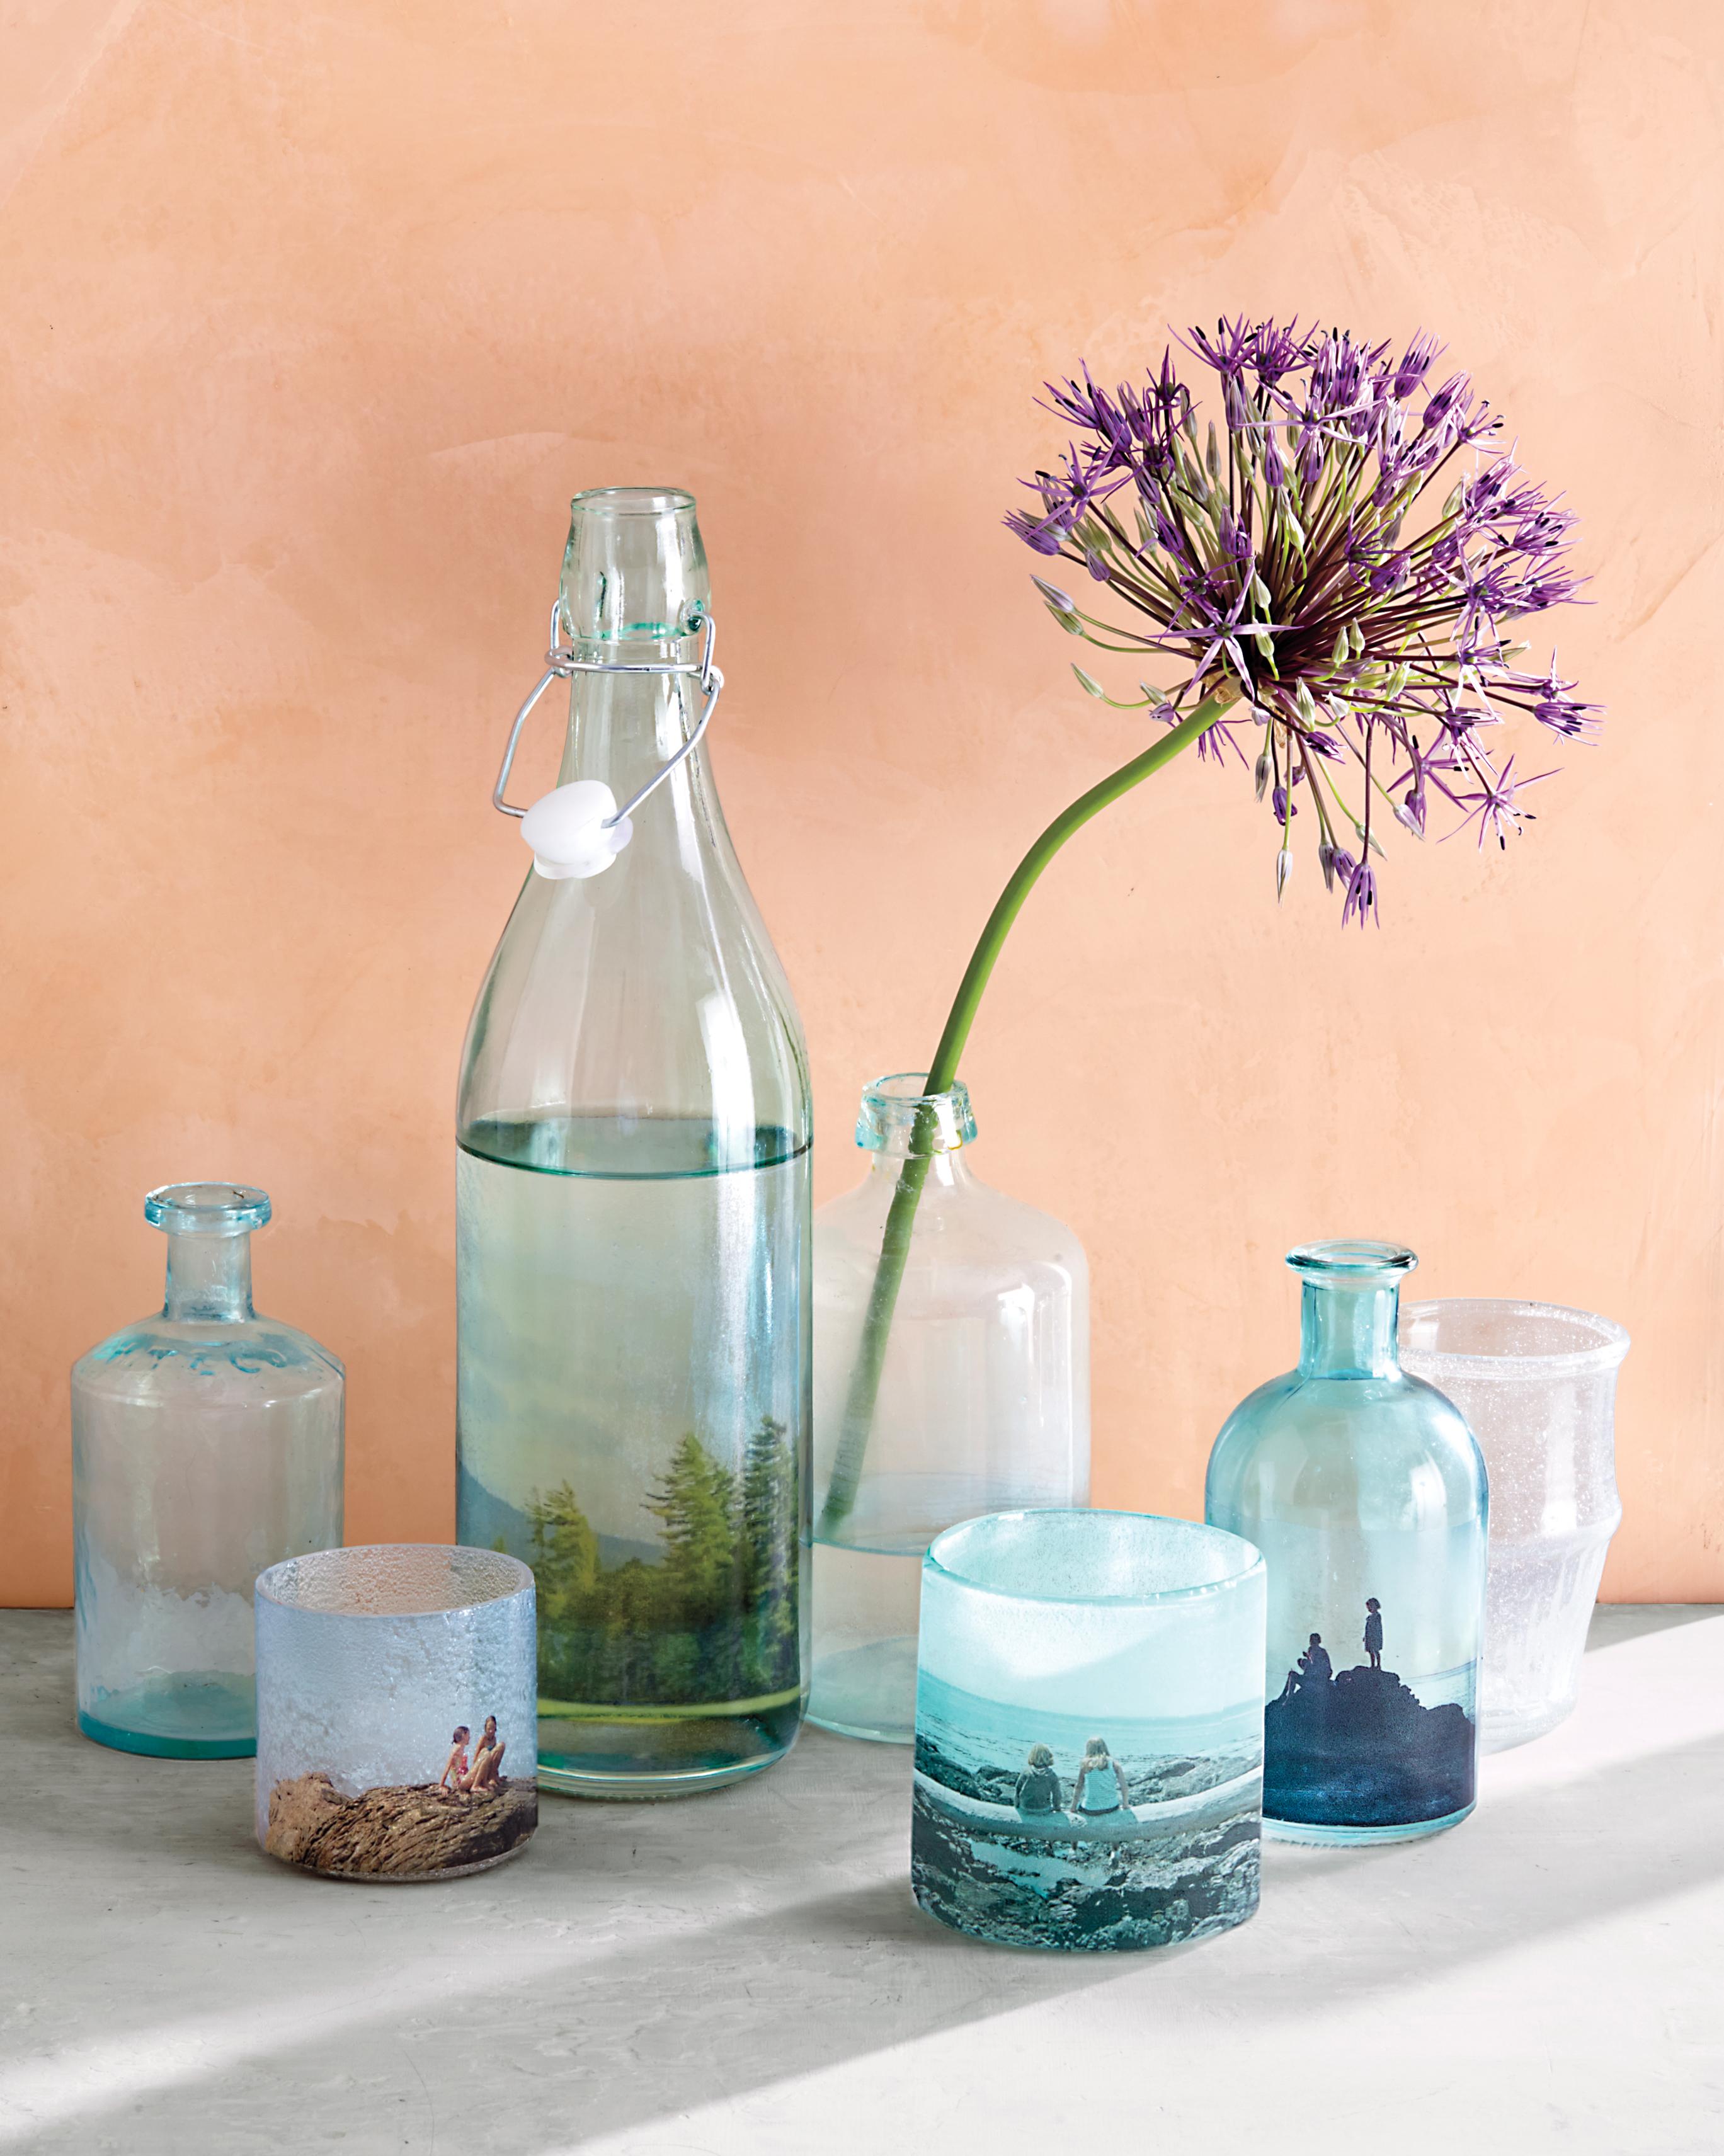 bottles-votives-019-d112033.jpg